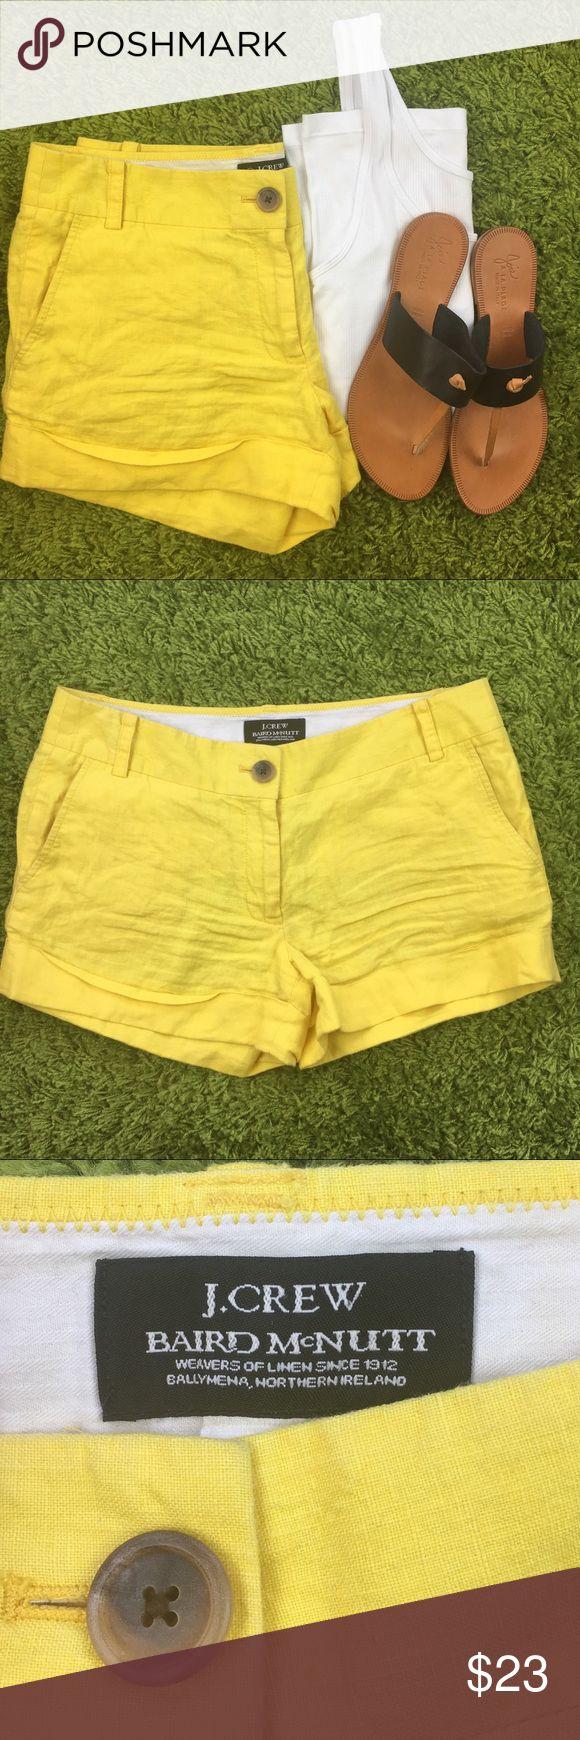 J.Crew Linen Shorts Baird McNutt J. Crew Linen Shorts. City Fit. Collaboration with Irish Linen Company Baird McNutt. 100% Linen. Gently Worn. Summer Yellow. J. Crew Shorts